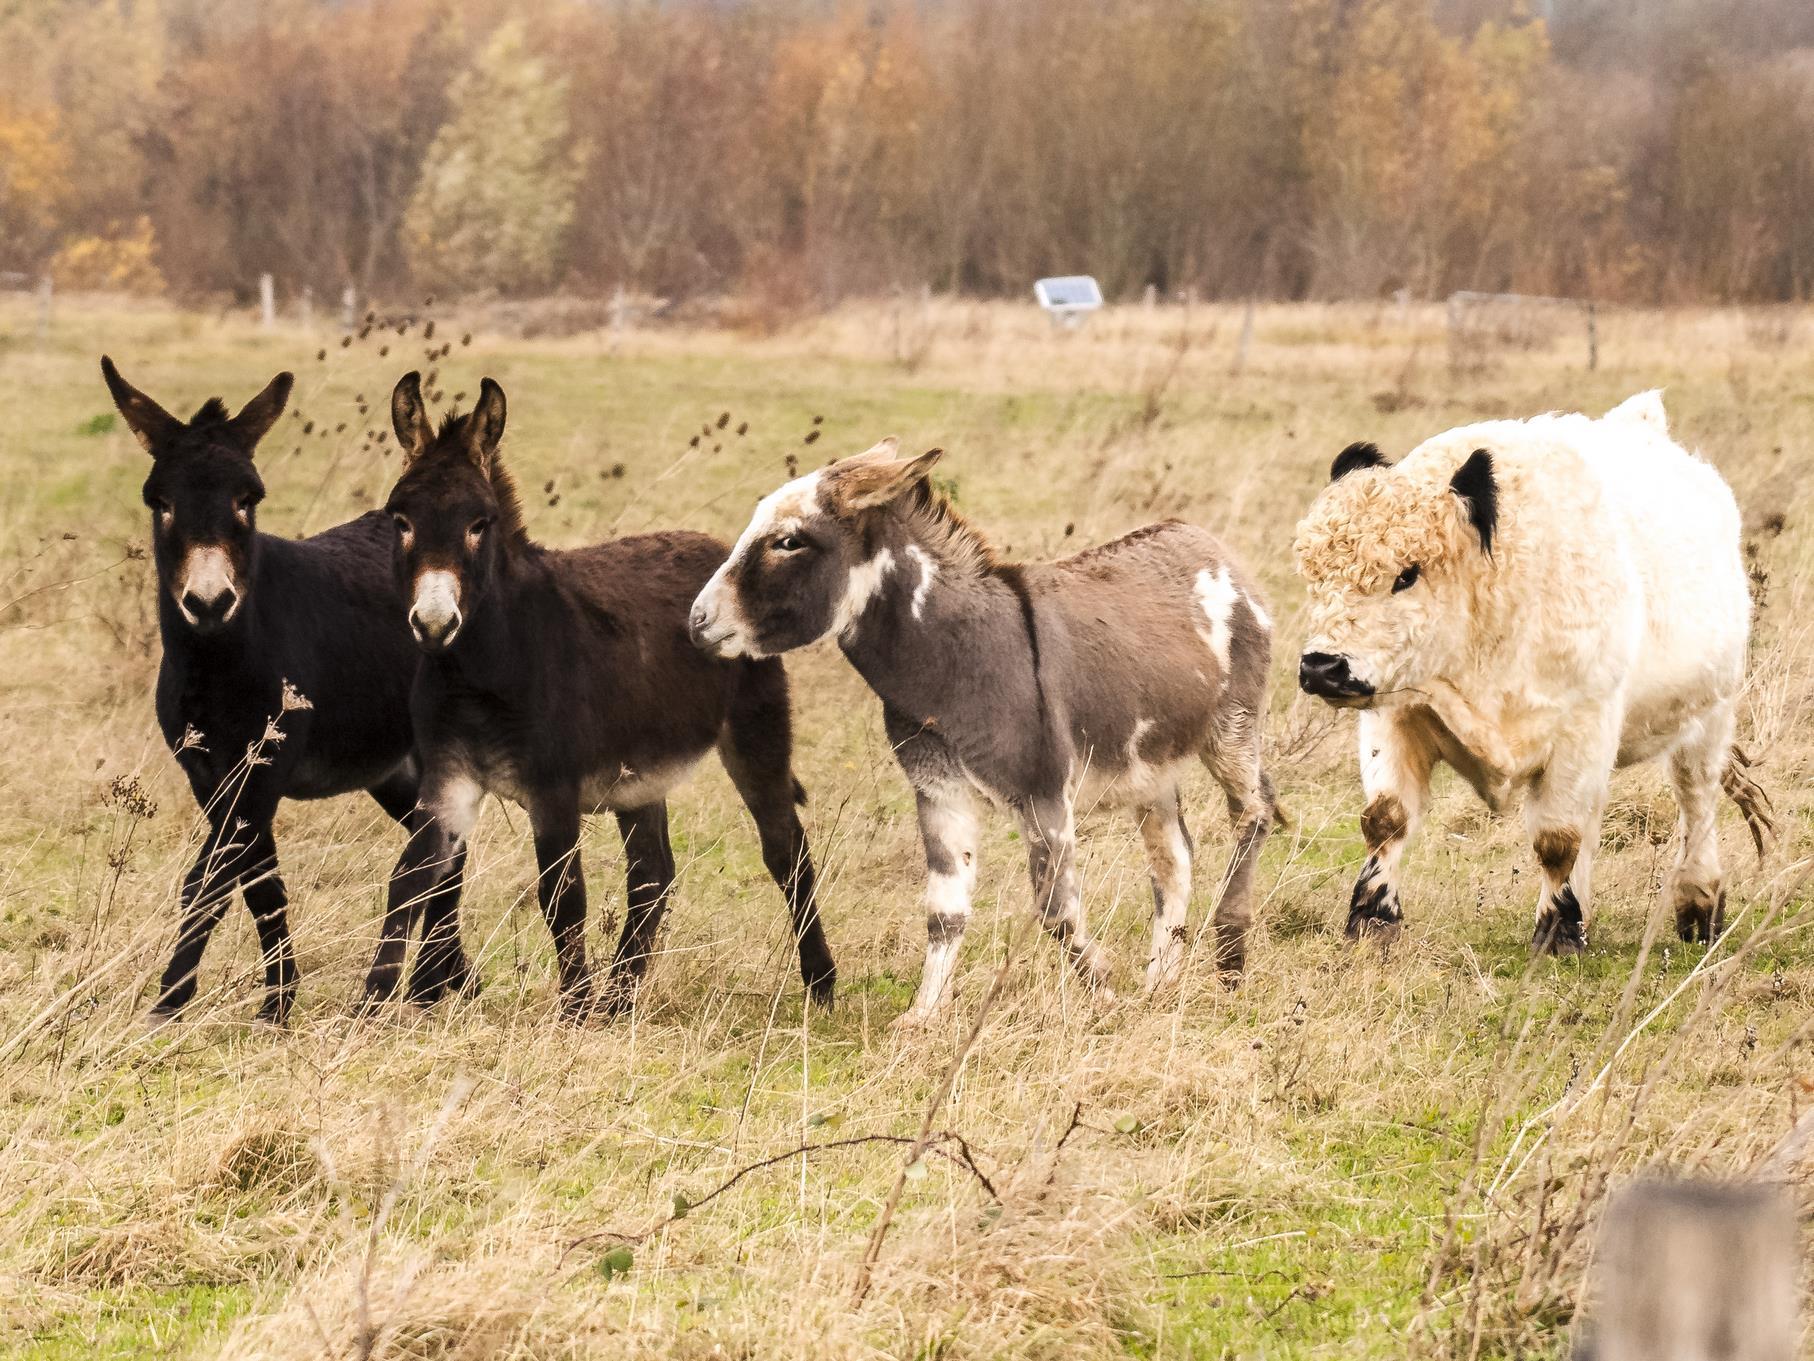 Die Esel und Galloways sind auch im Dezember noch auf der Weide.